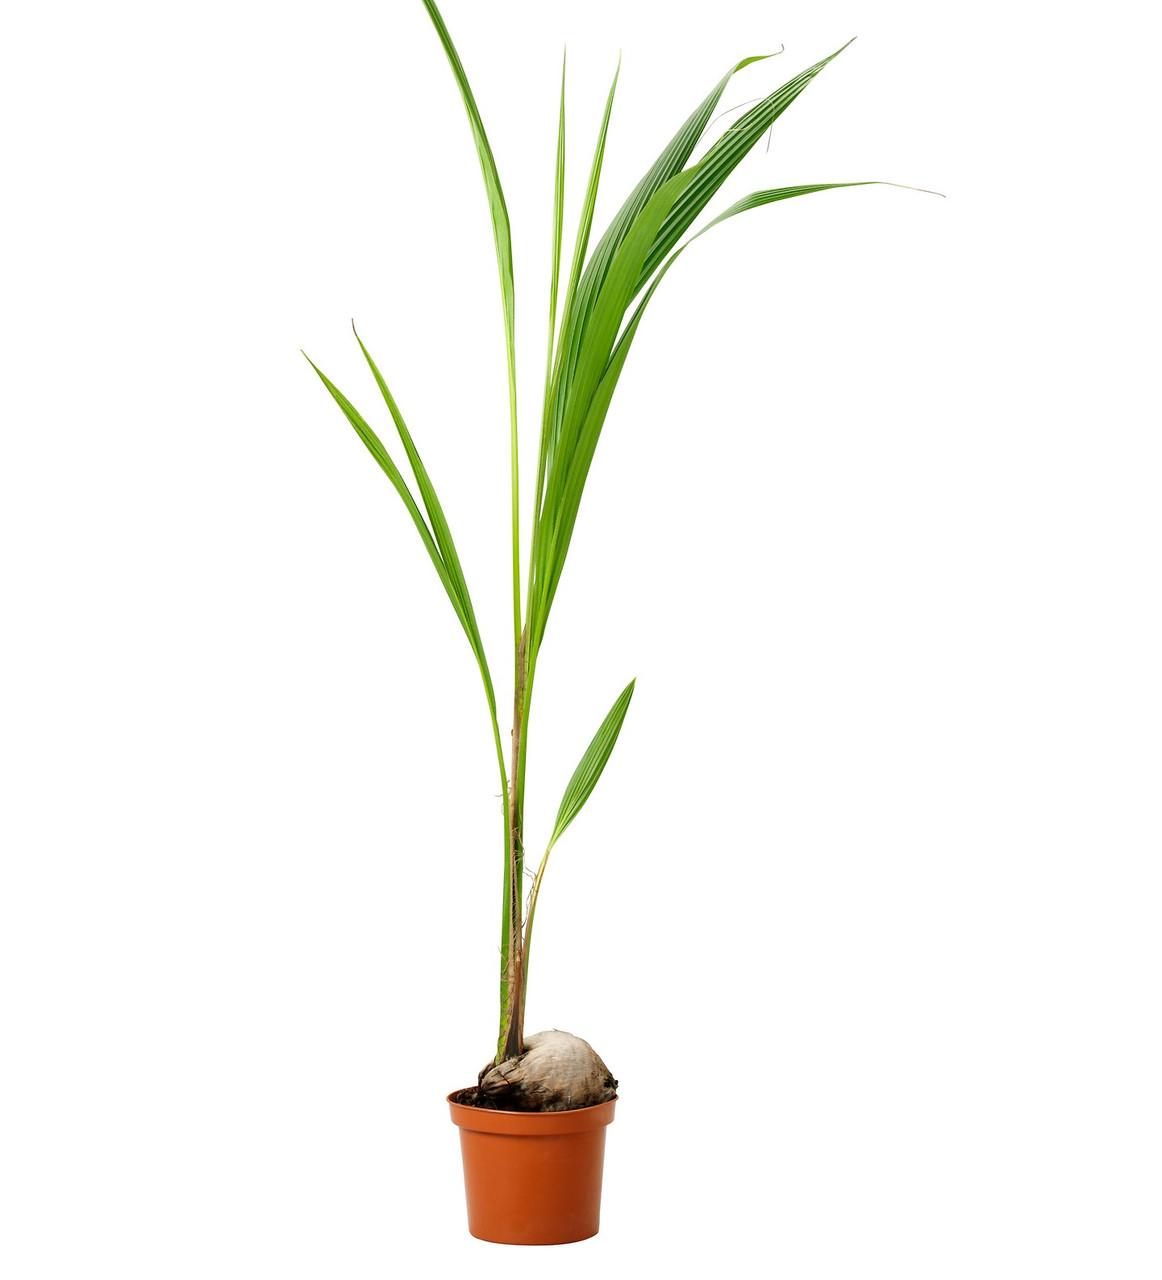 Кокосовая пальма. Высота растения: 120см.Поступление 14 декабря